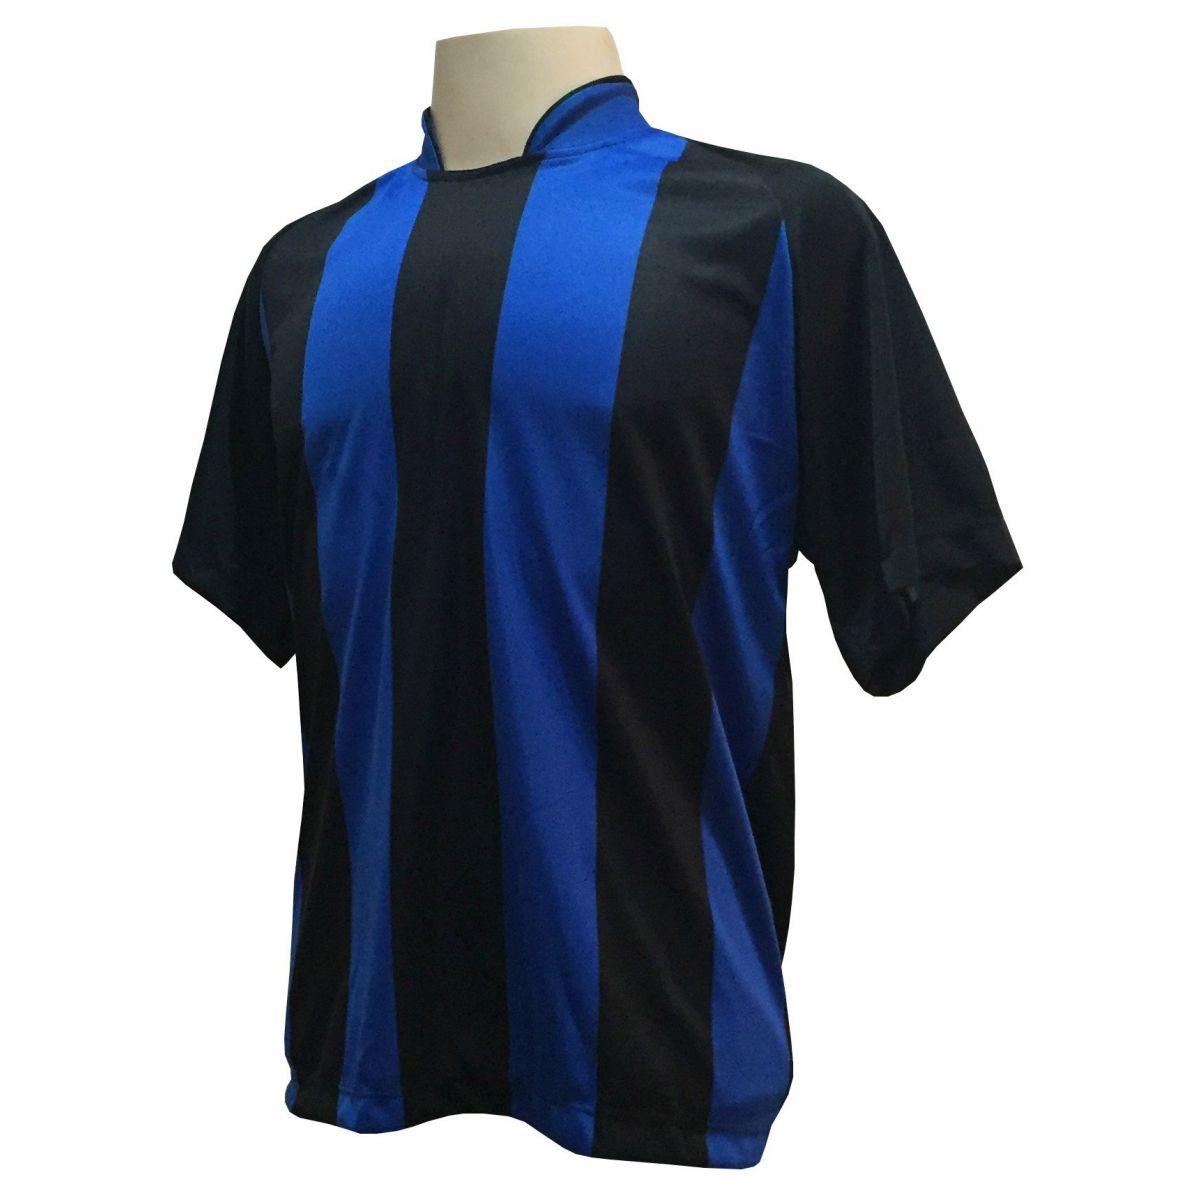 Uniforme Esportivo com 18 Camisas modelo Milan Preto/Royal + 18 Calções modelo Madrid Preto